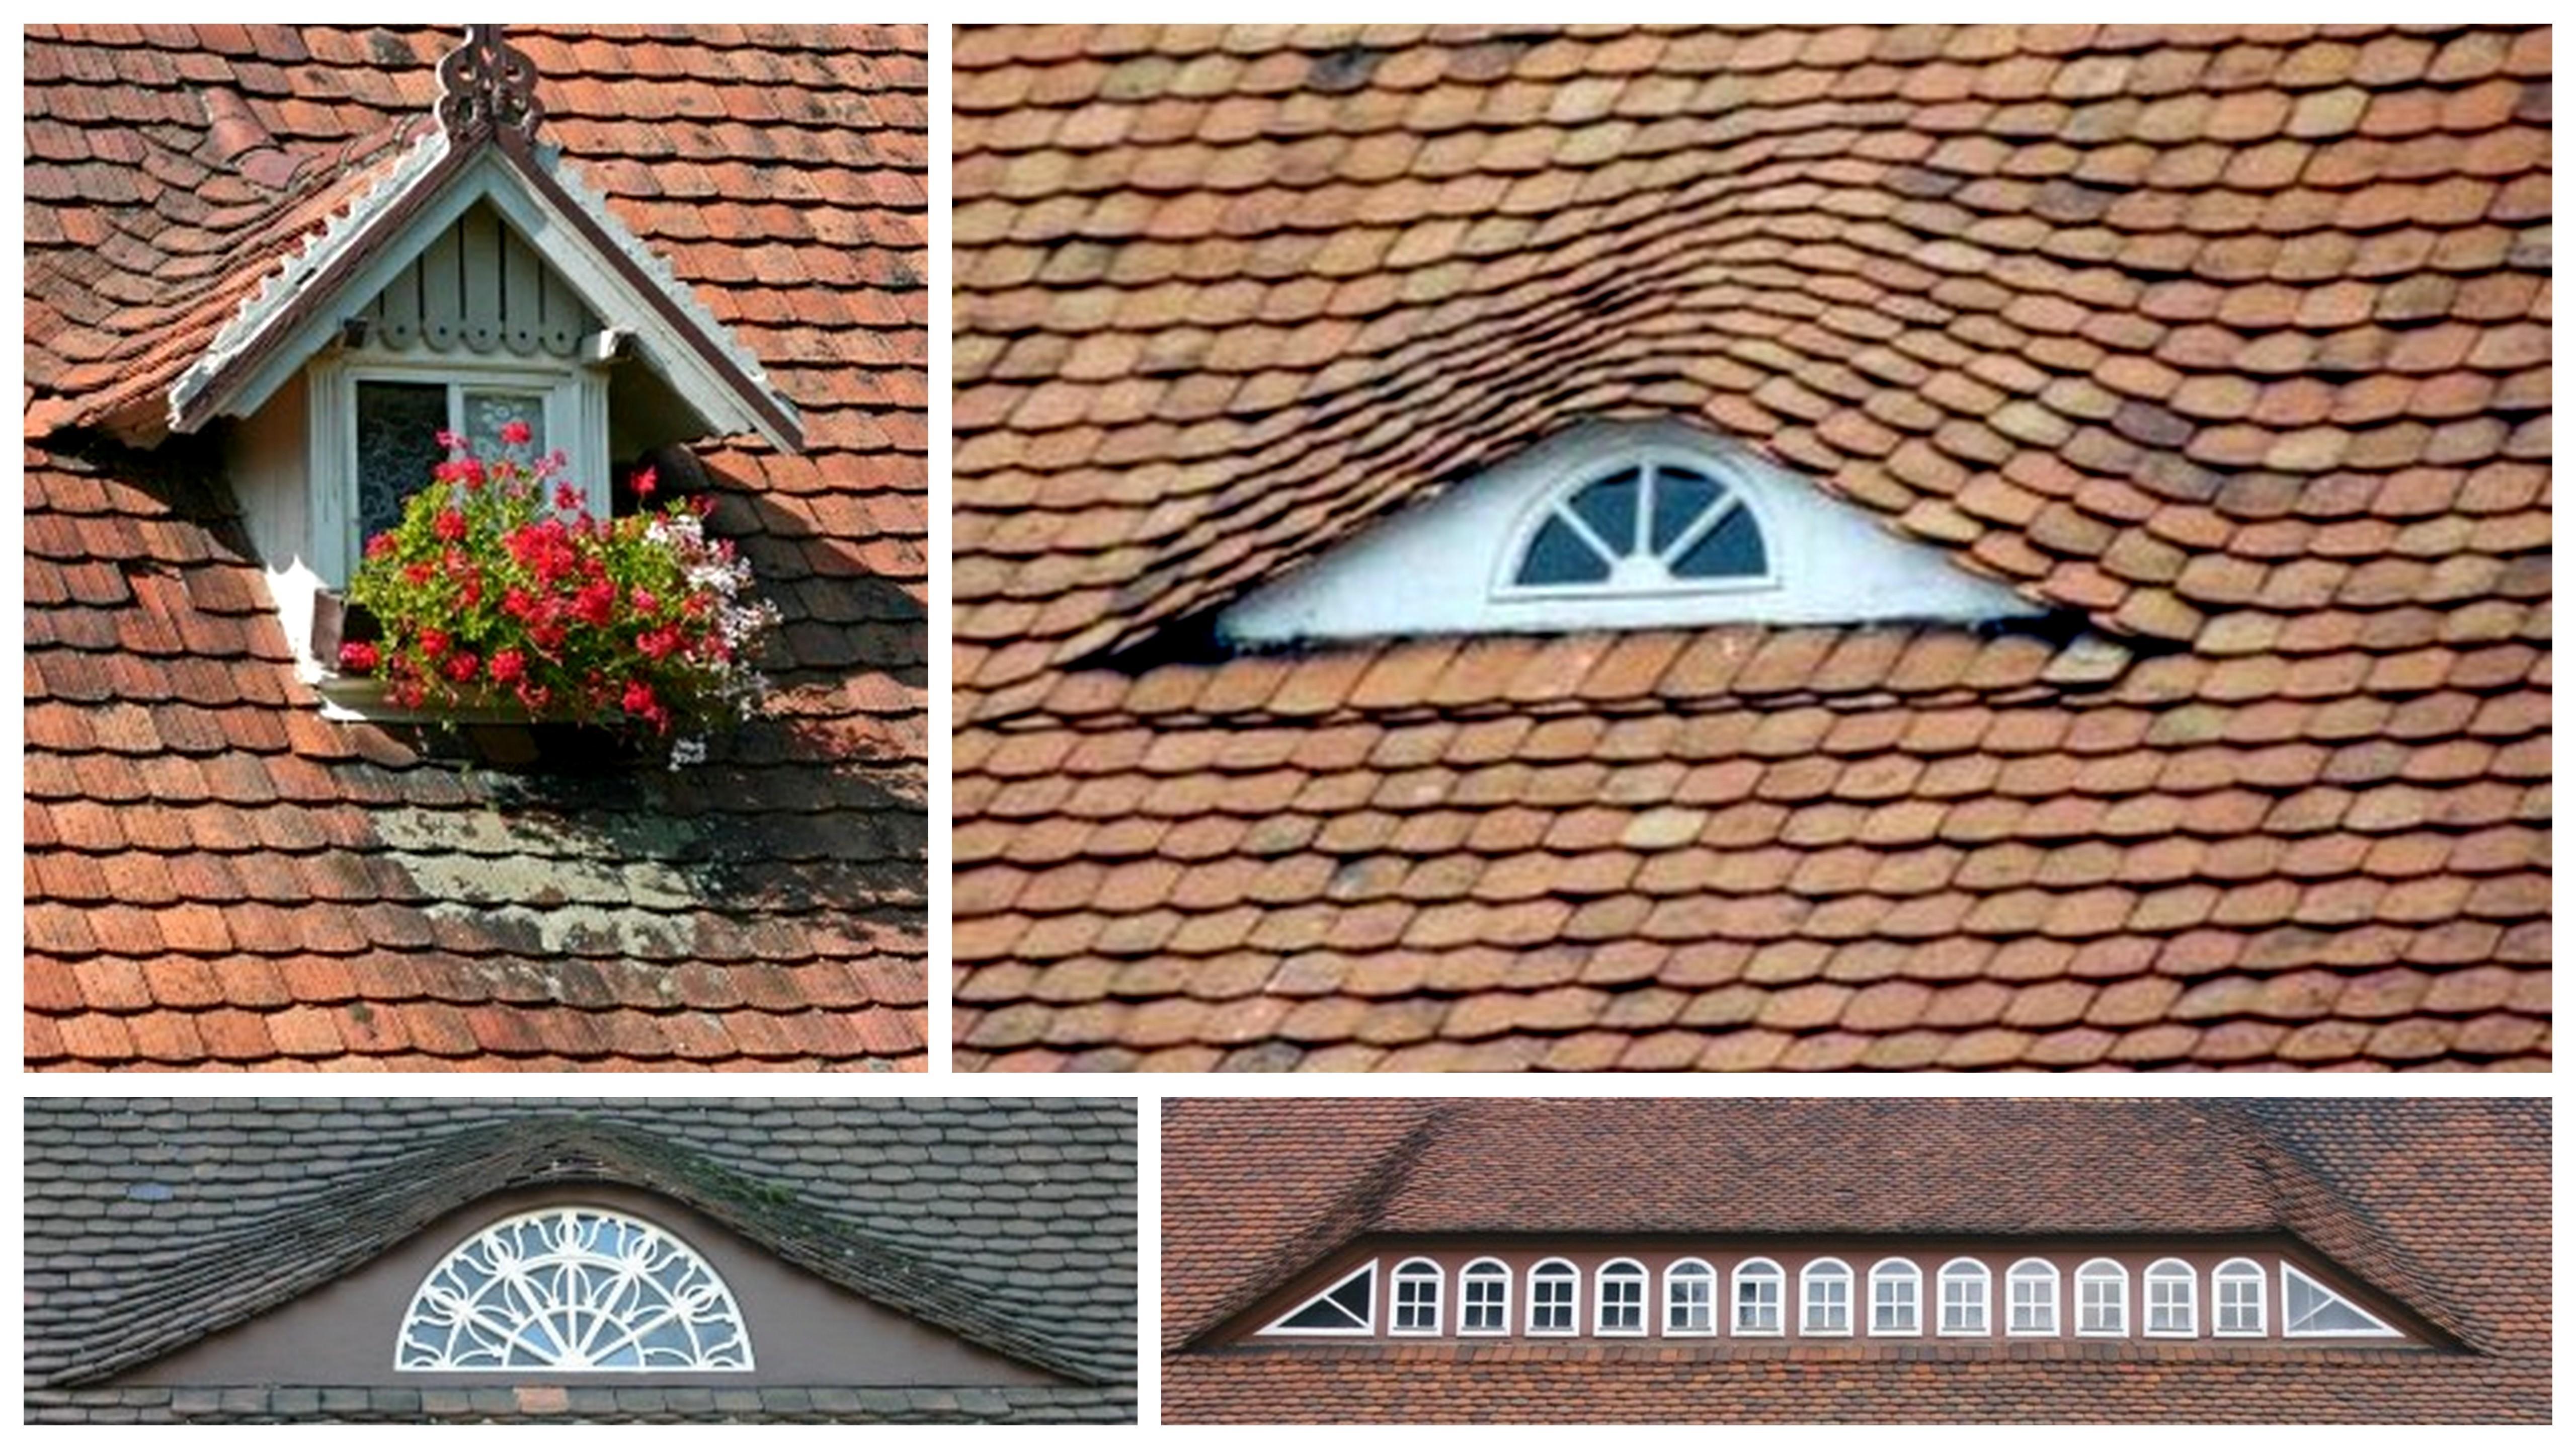 Stehendes Fenster, kleines (r.o.) und großes (l.u.) Ochsenauge, Hecht